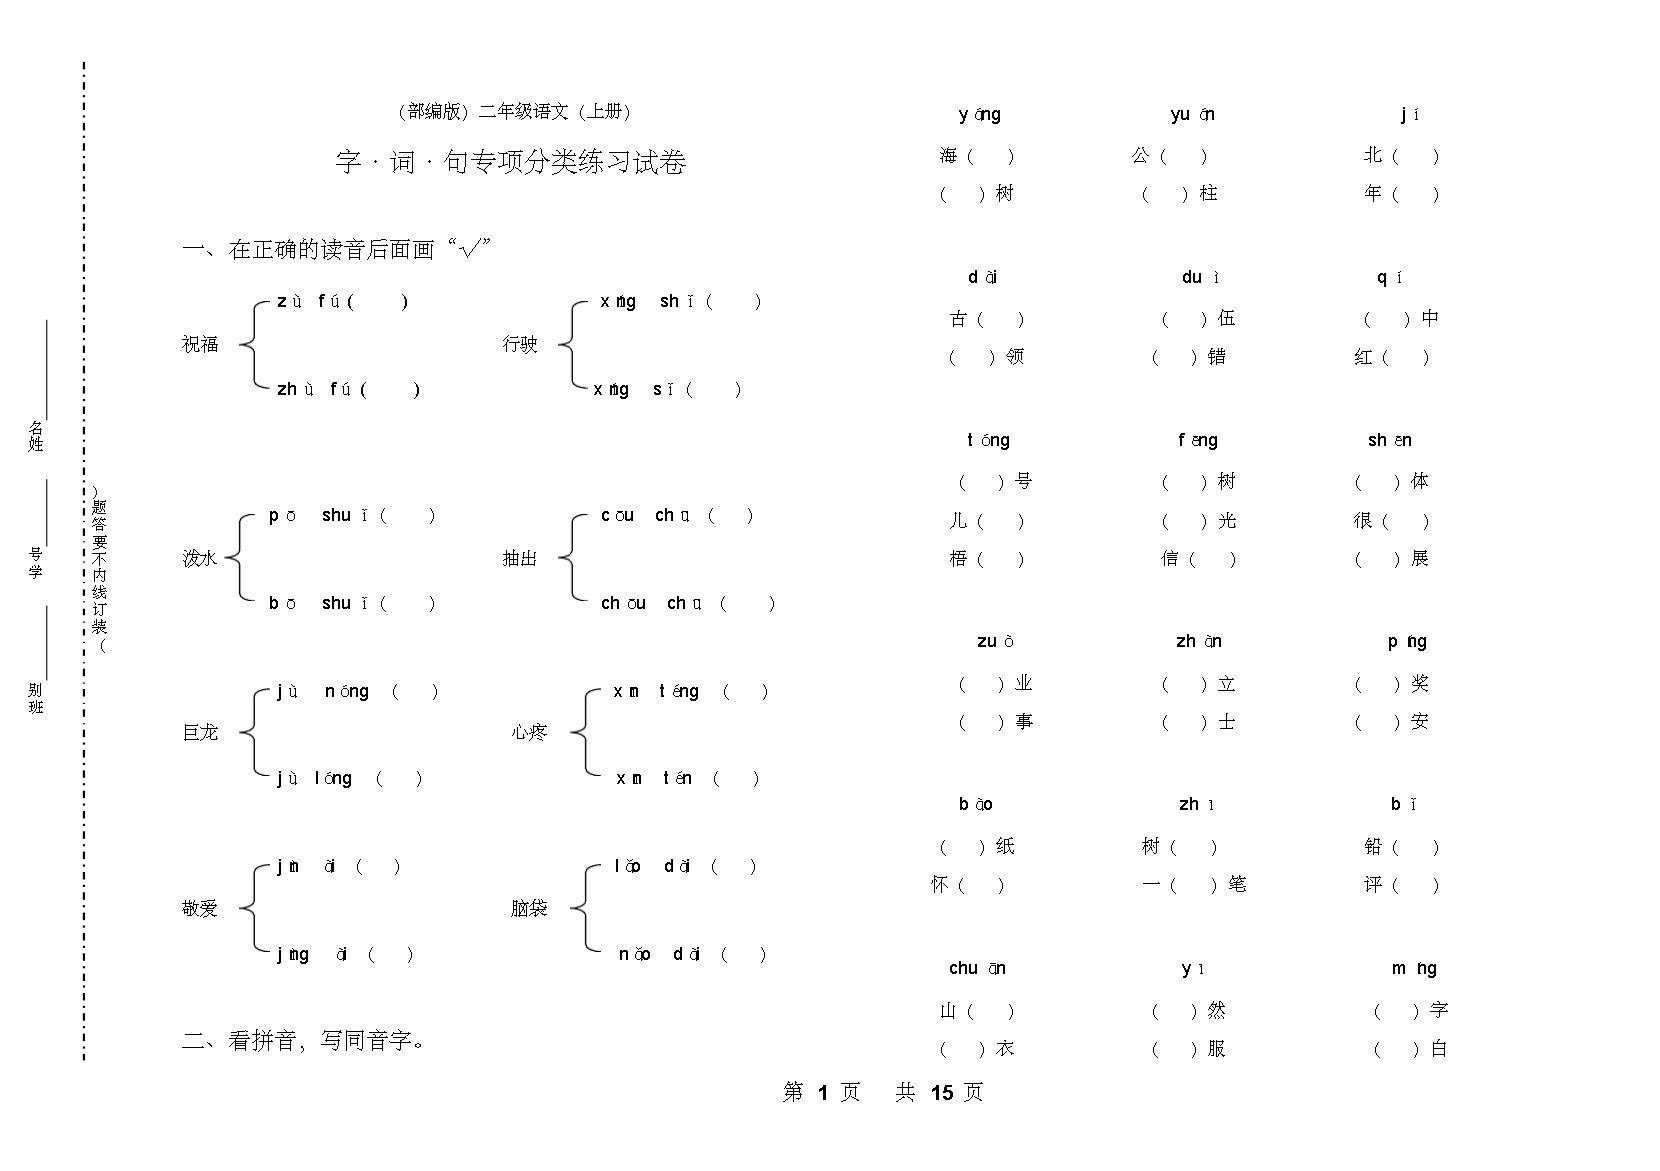 部编版二年级语文(上册)期末总复习字词句专项分类练习试卷图片